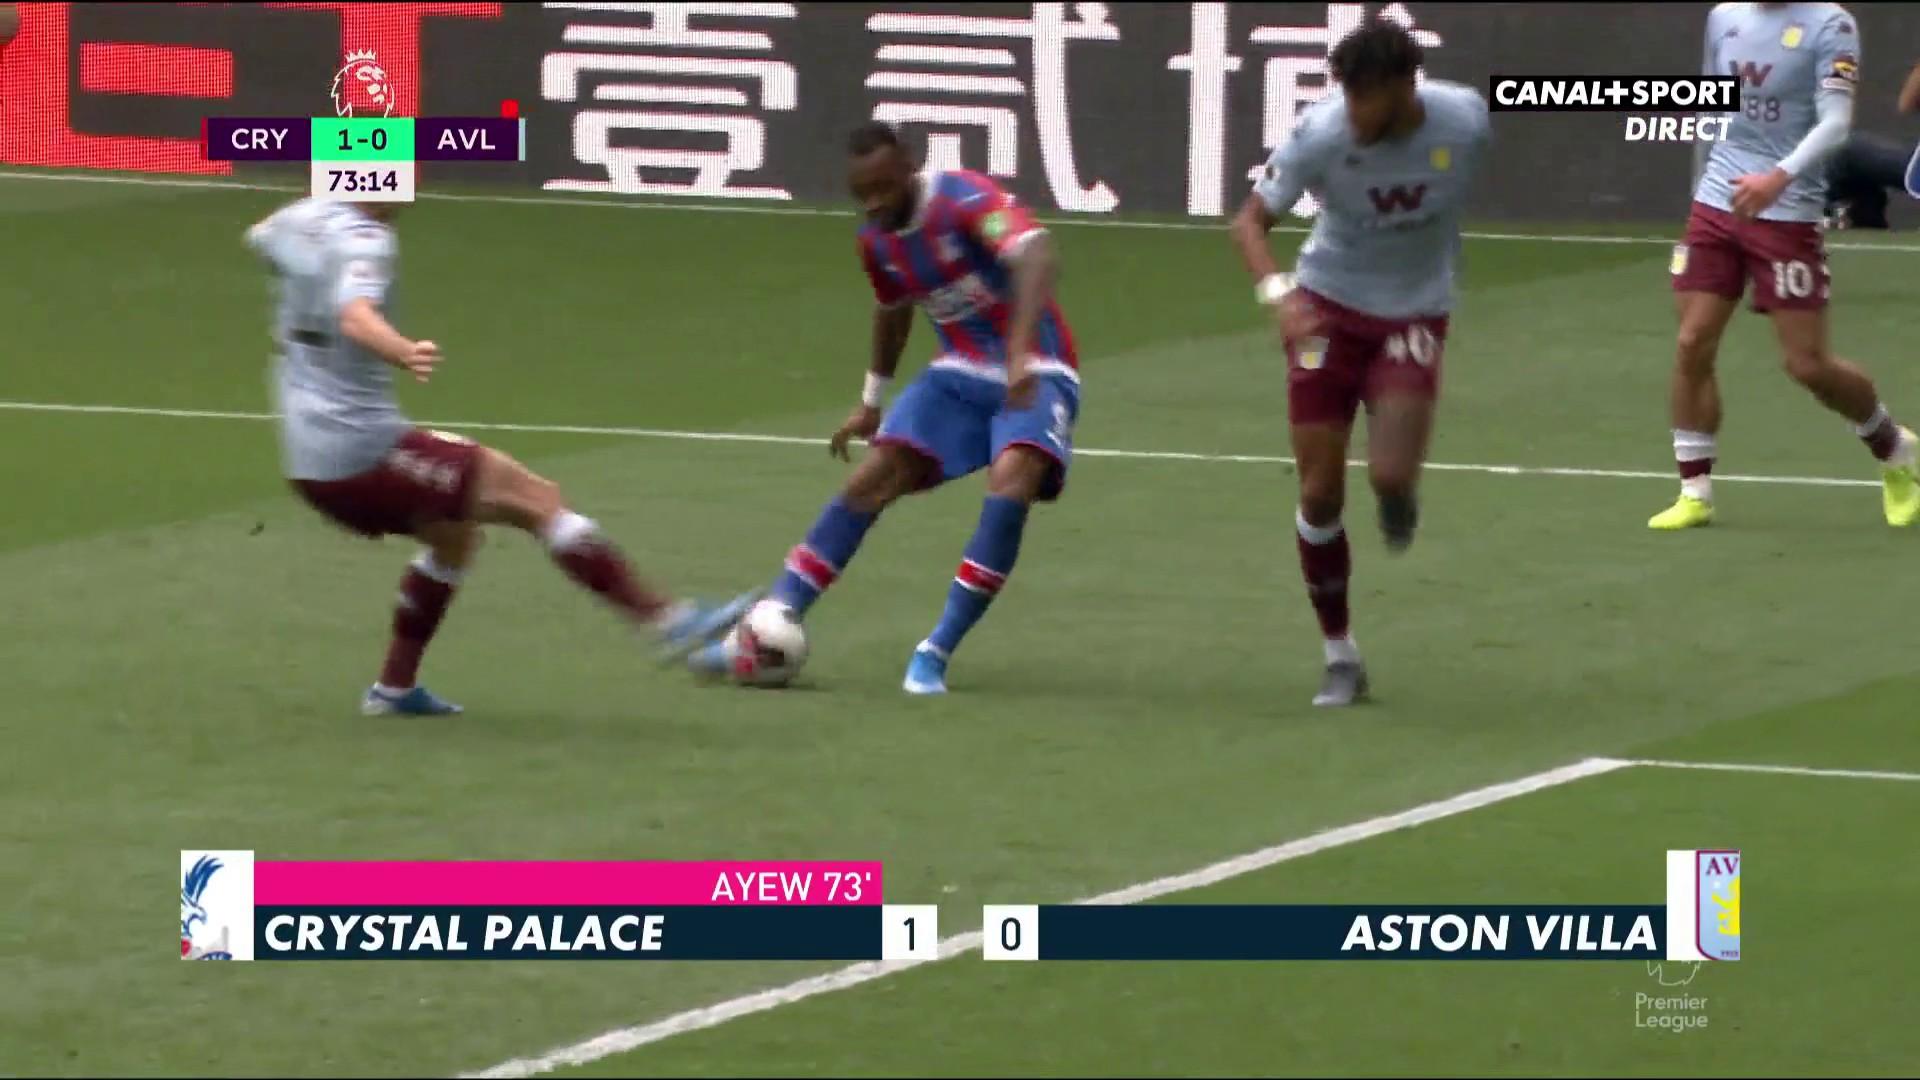 Le résumé de Crystal Palace / Aston Villa